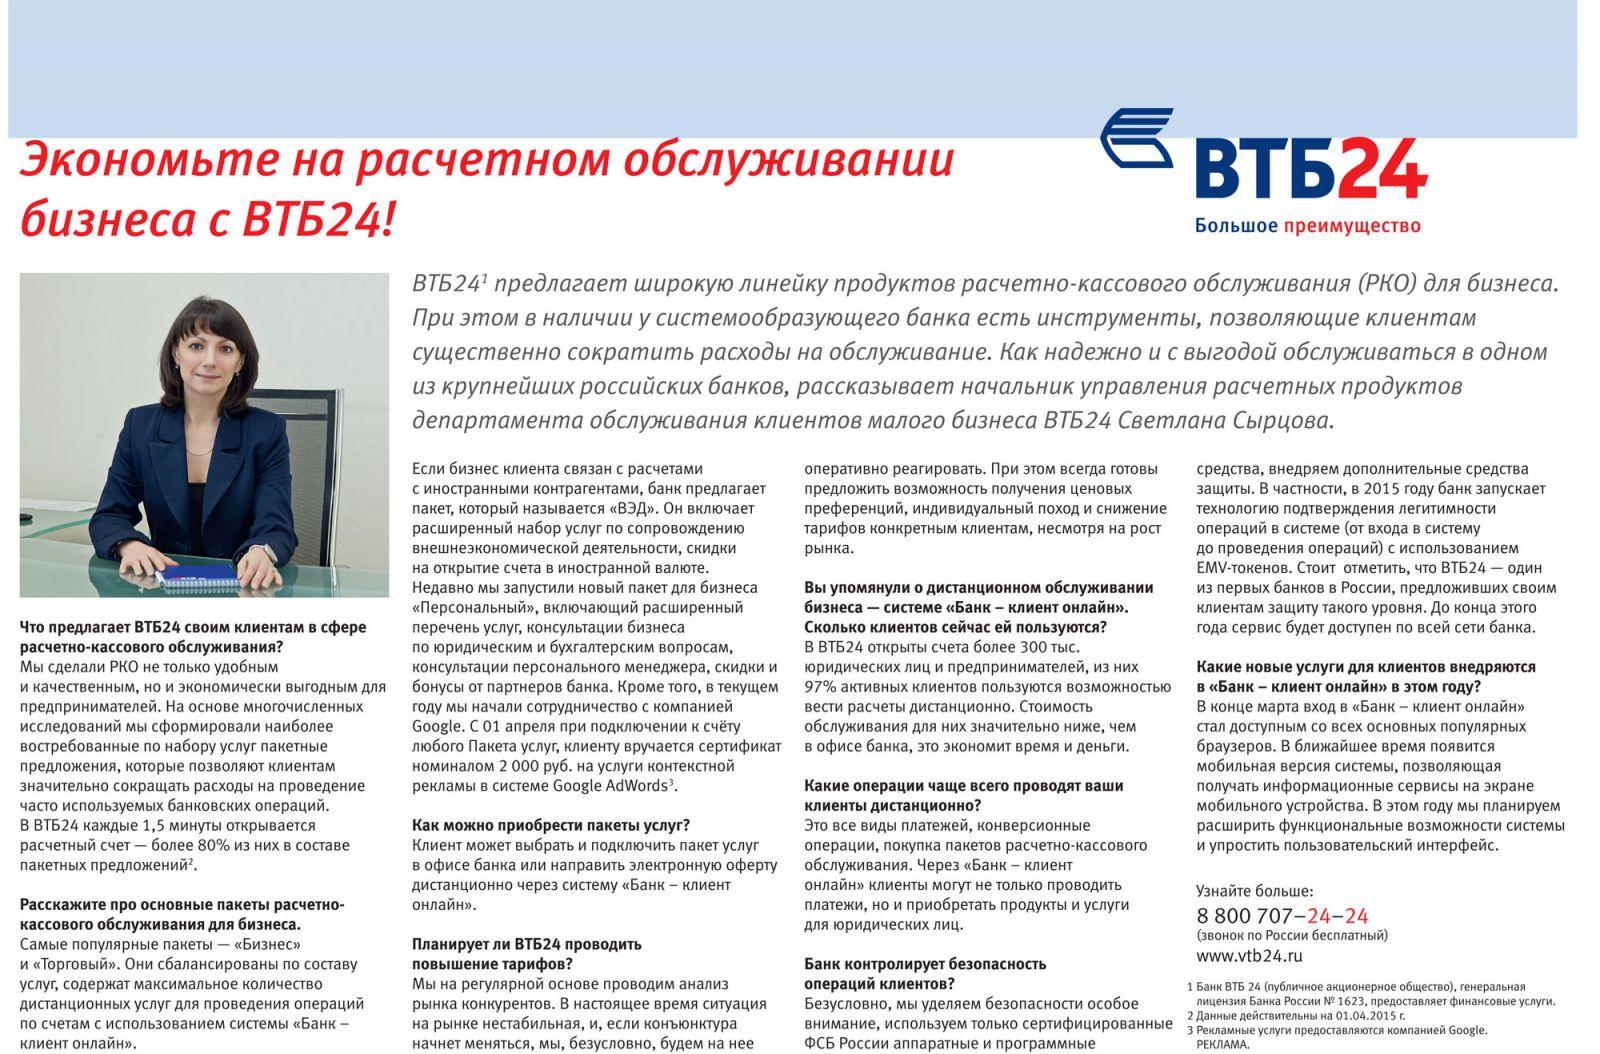 dokumenti-dlya-refinansirovaniya-kredita-v-vtb-24